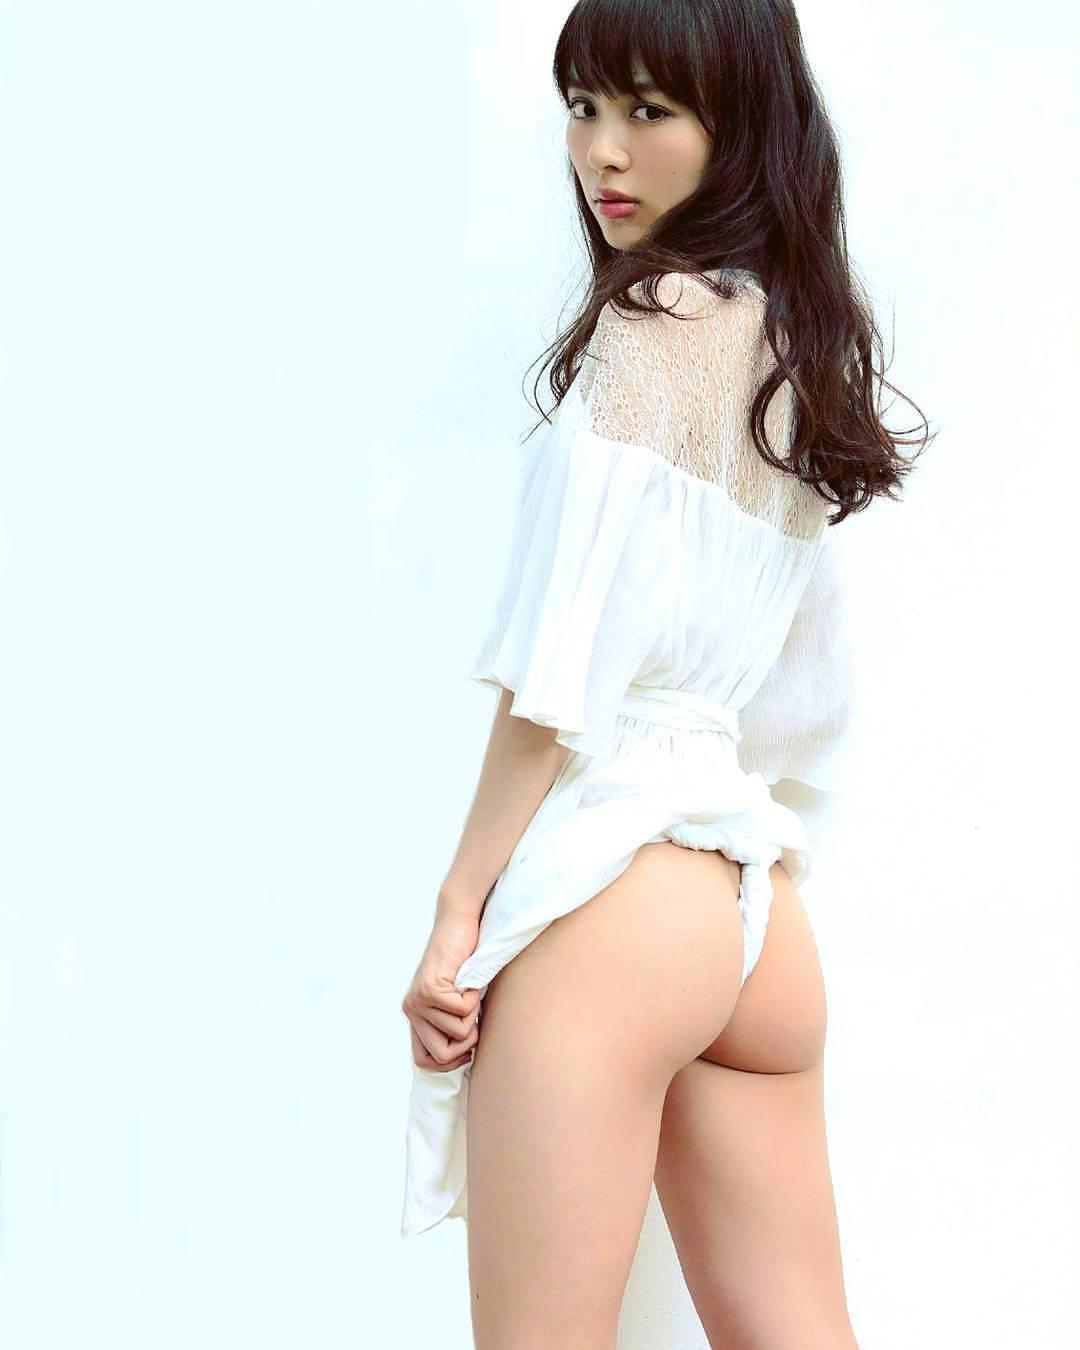 綺麗な芸能人たちの美しいお尻 (2)